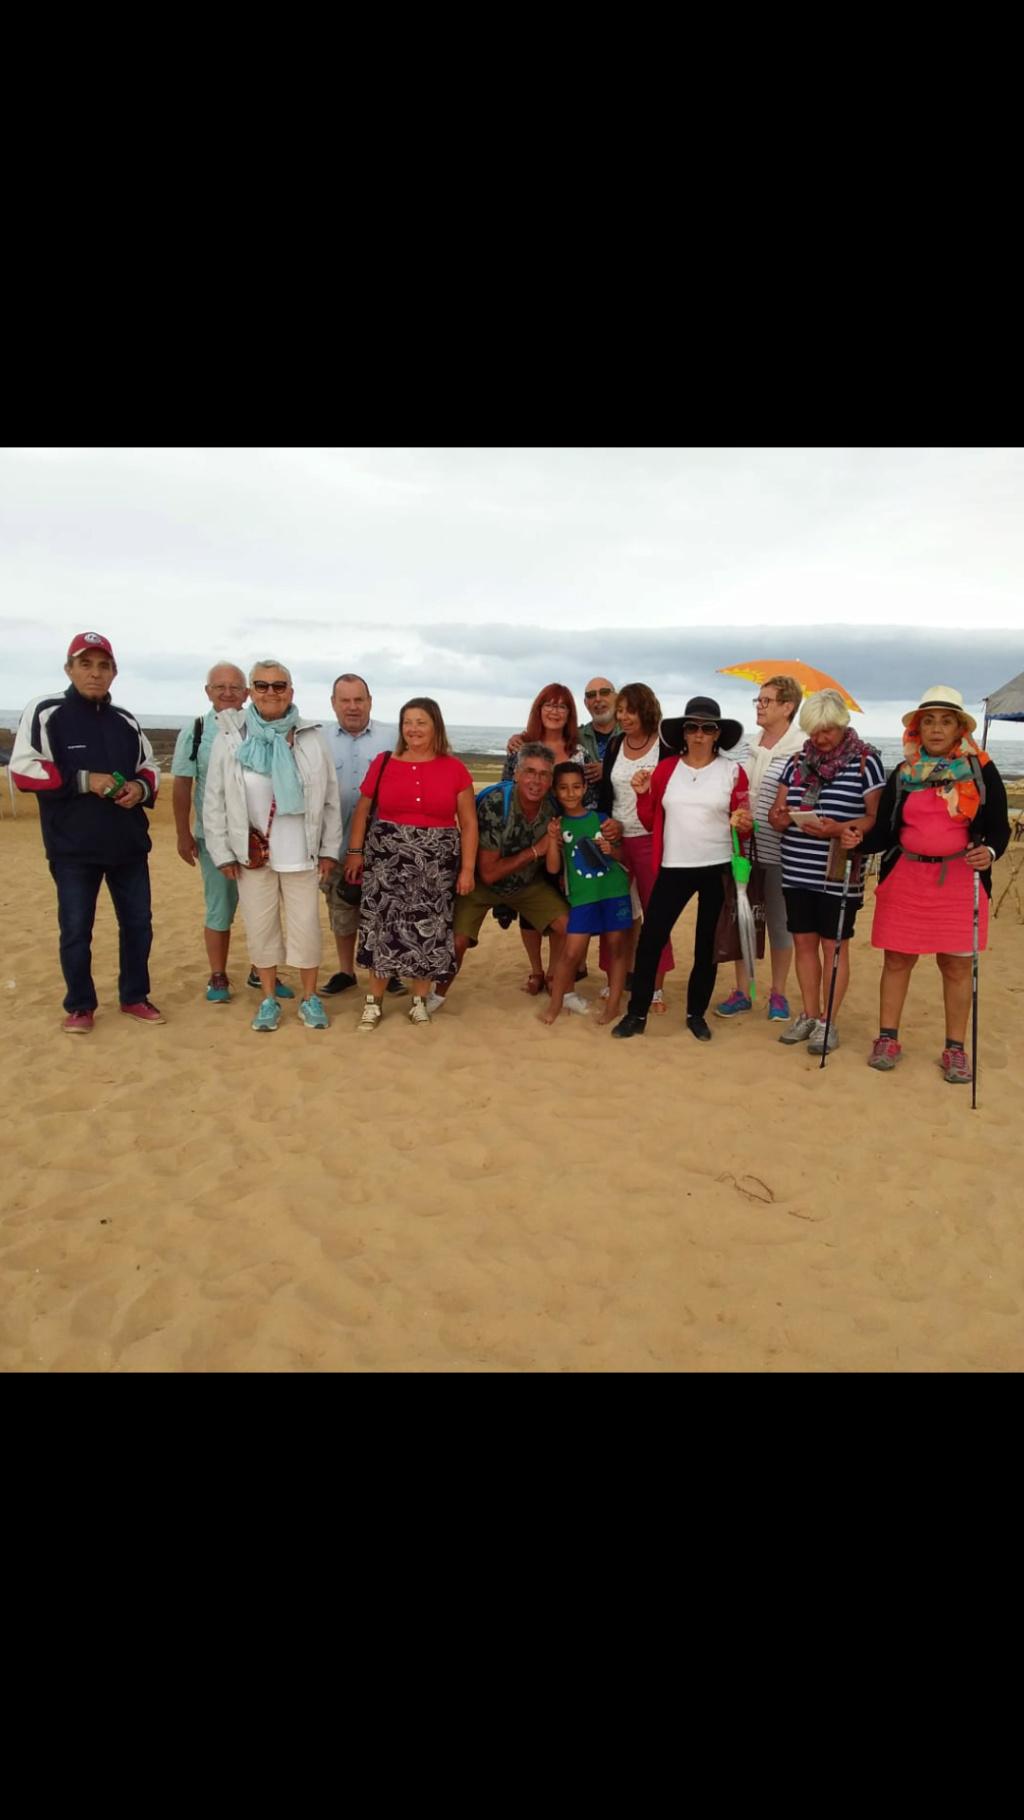 plaisir - 06/07 - marche plaisir à Sidi-Abed Screen12